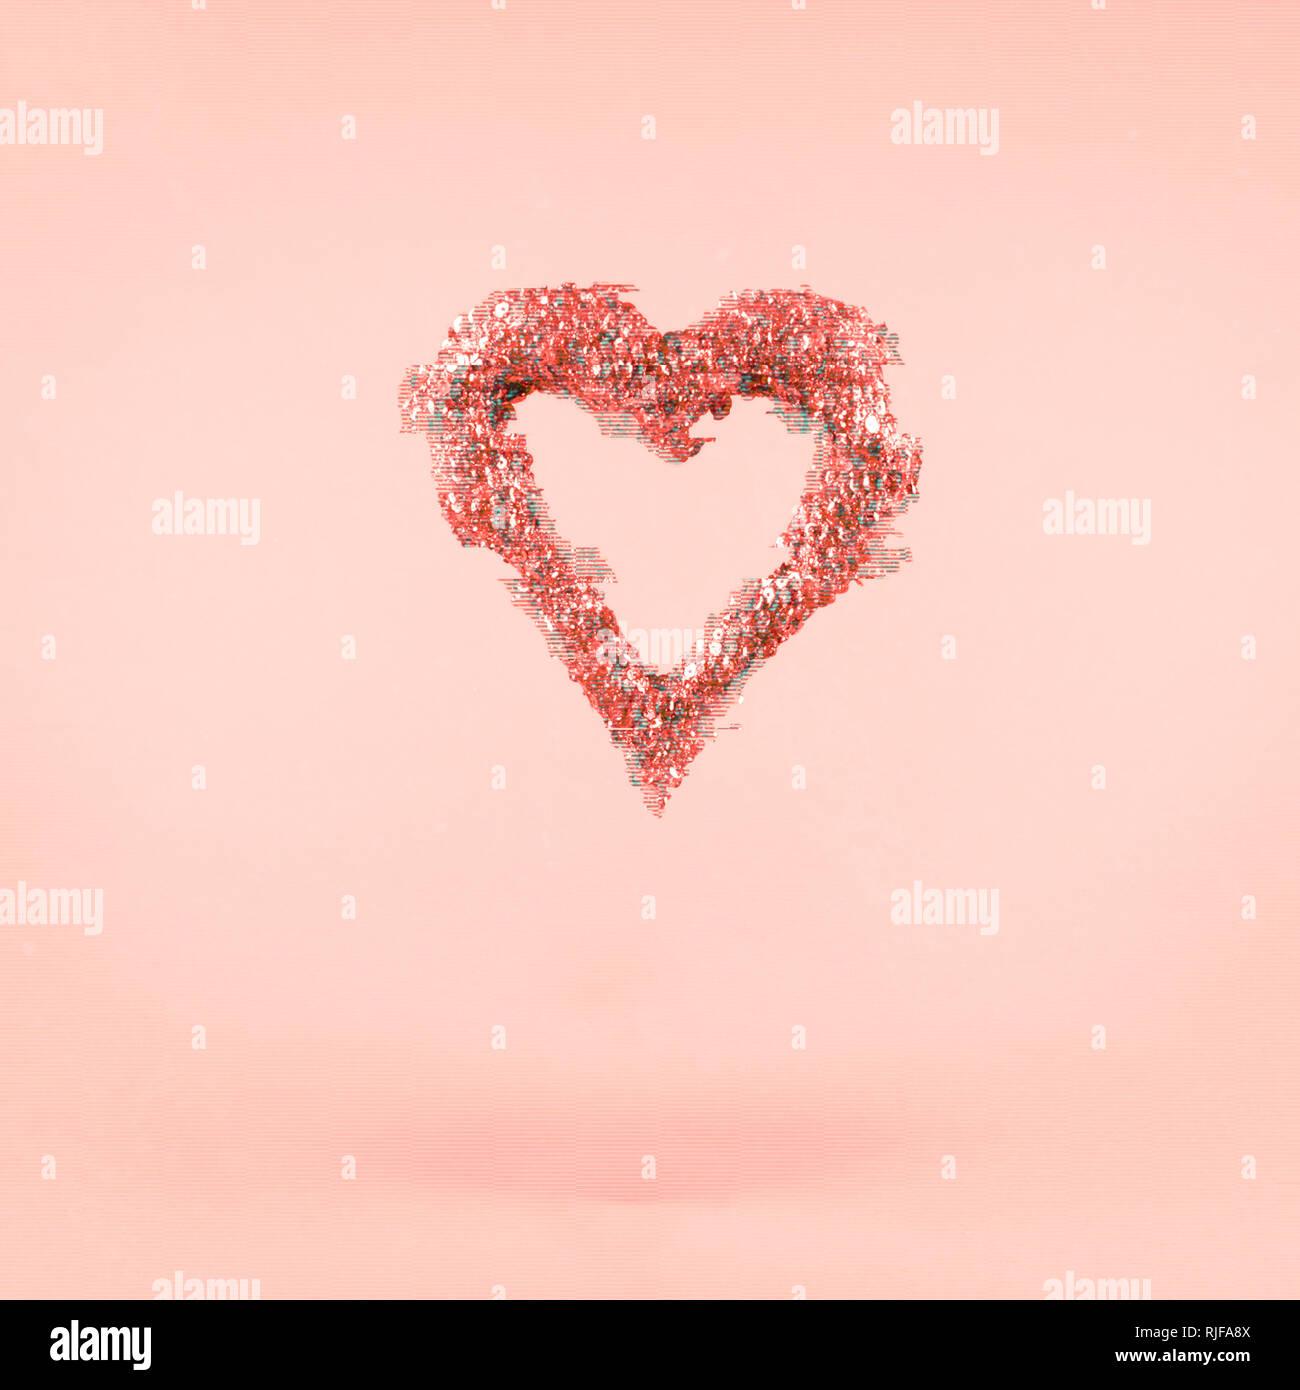 Glitter coeur sur fond rose. La Saint-Valentin et l'amour gratuit. Square. Glitch, effet perturbateur colorés. Corail vivant - couleur de l'année 2019 Photo Stock